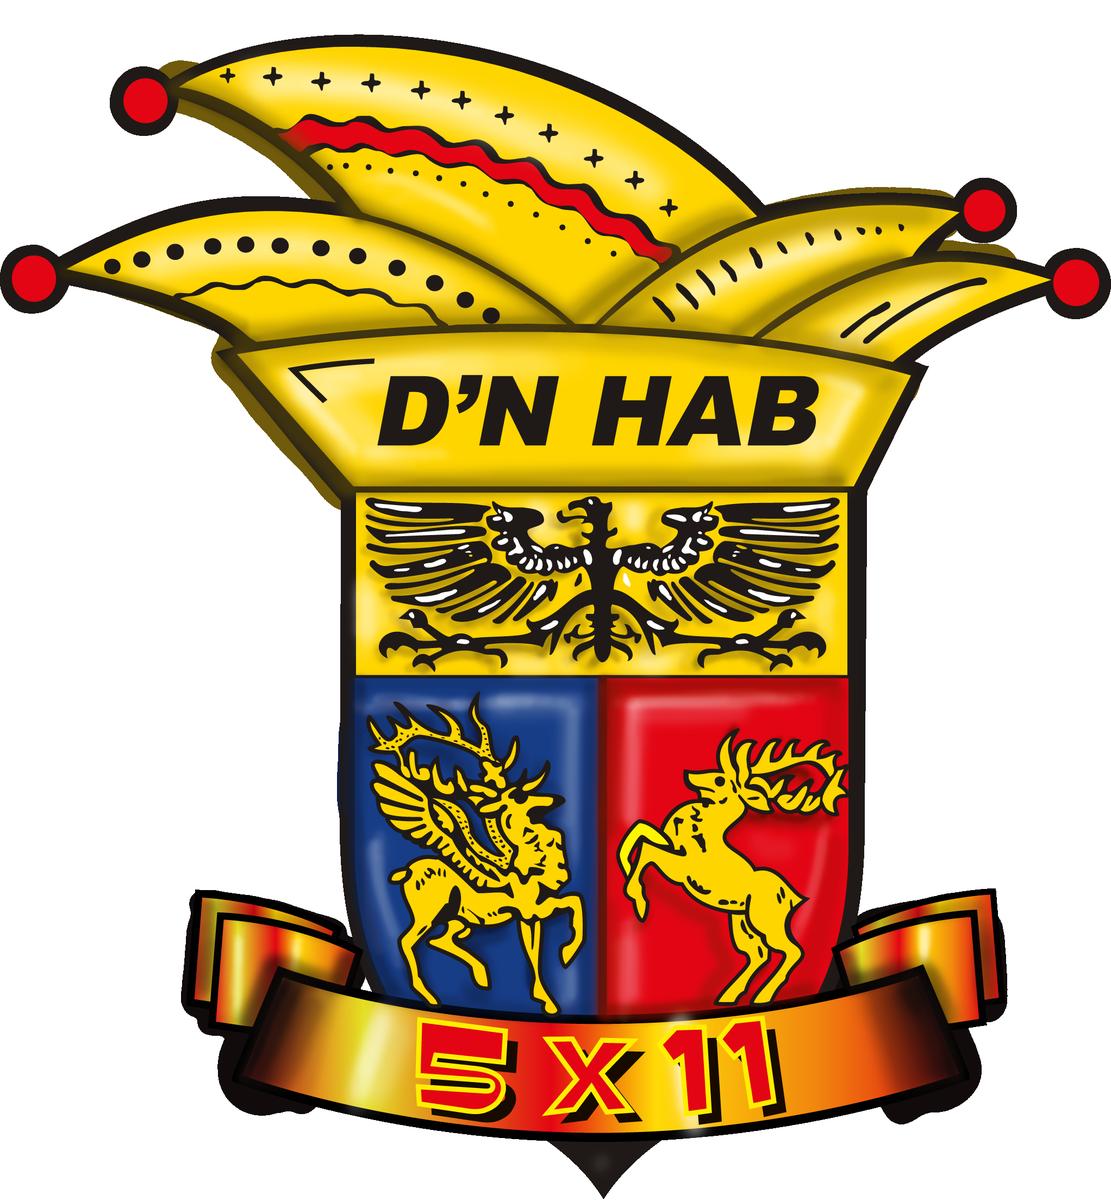 cv den hab CV den HAB on Twitter: